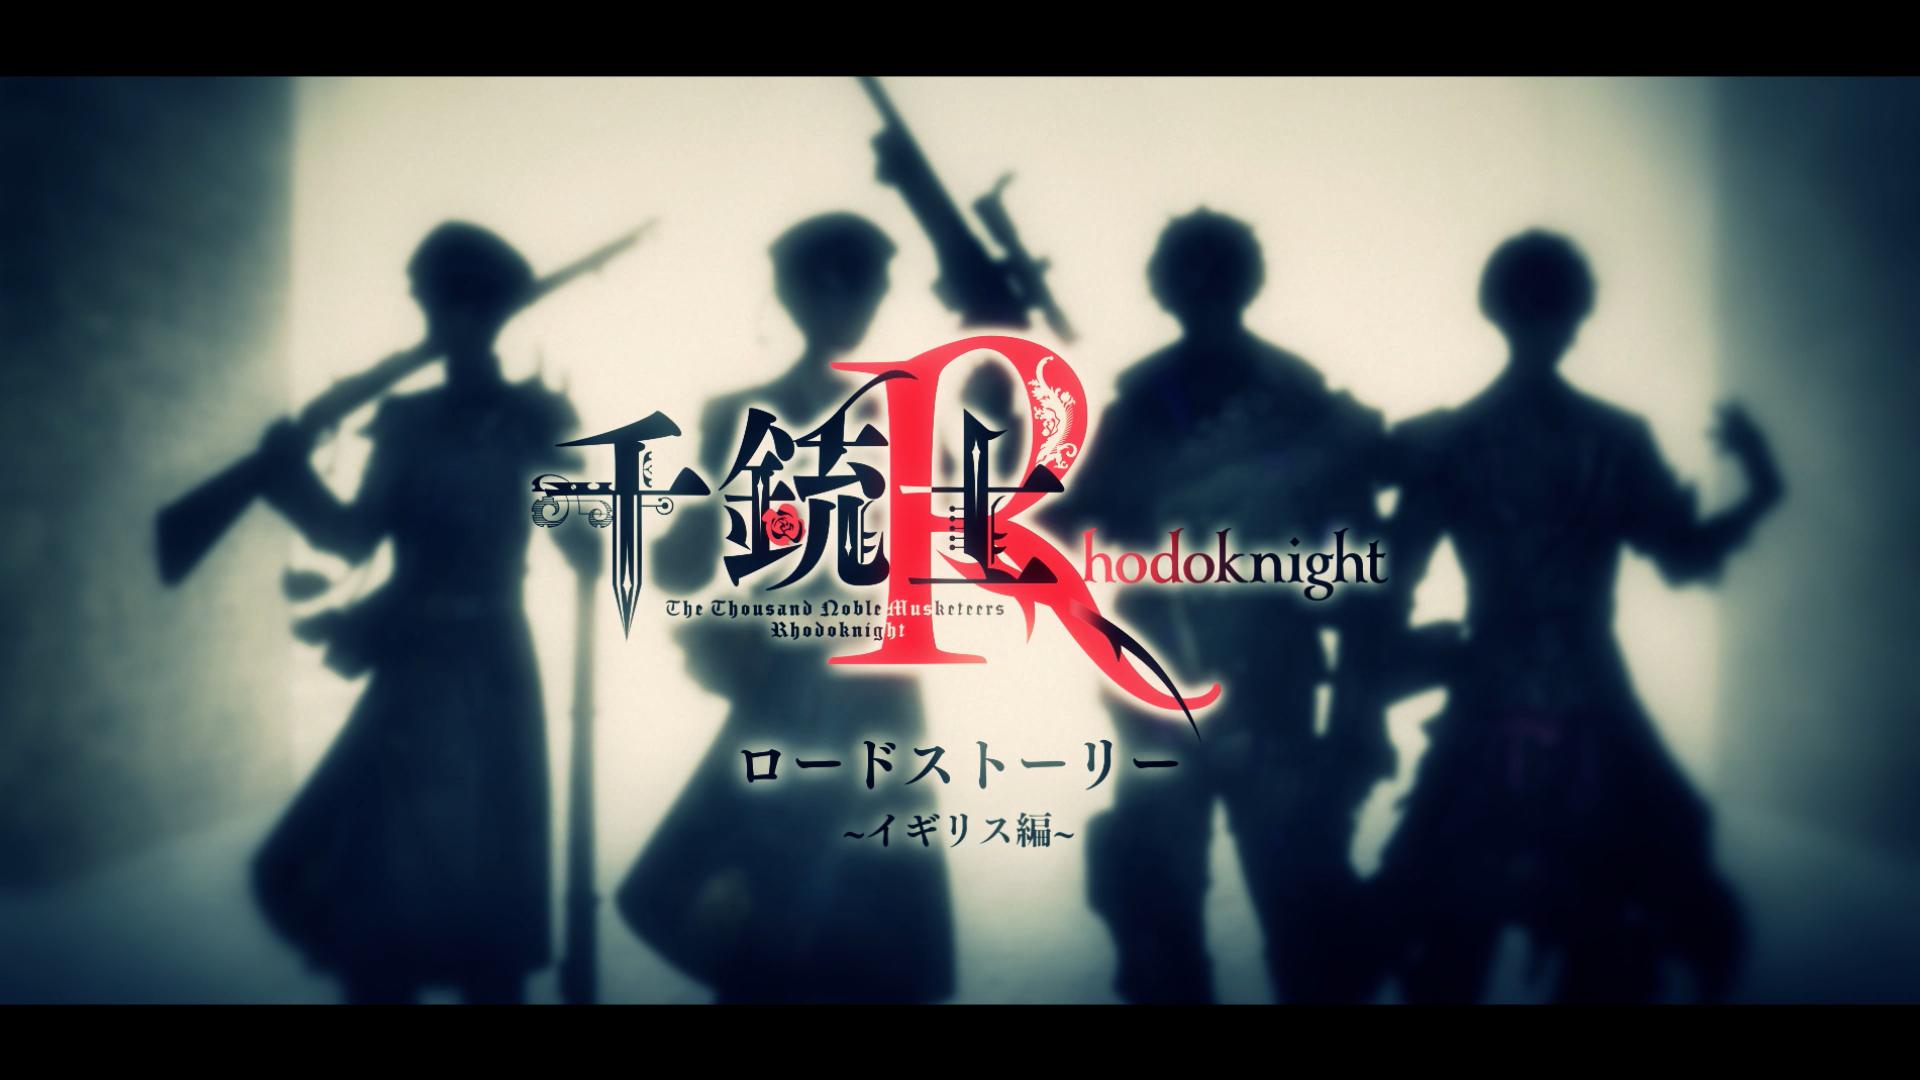 新作アプリ「千銃士:Rhodoknight」熊谷健太郎さん、 広瀬裕也さんらのキャラクターボイスも聞けるロードストーリーPV「イギリス編」初公開!